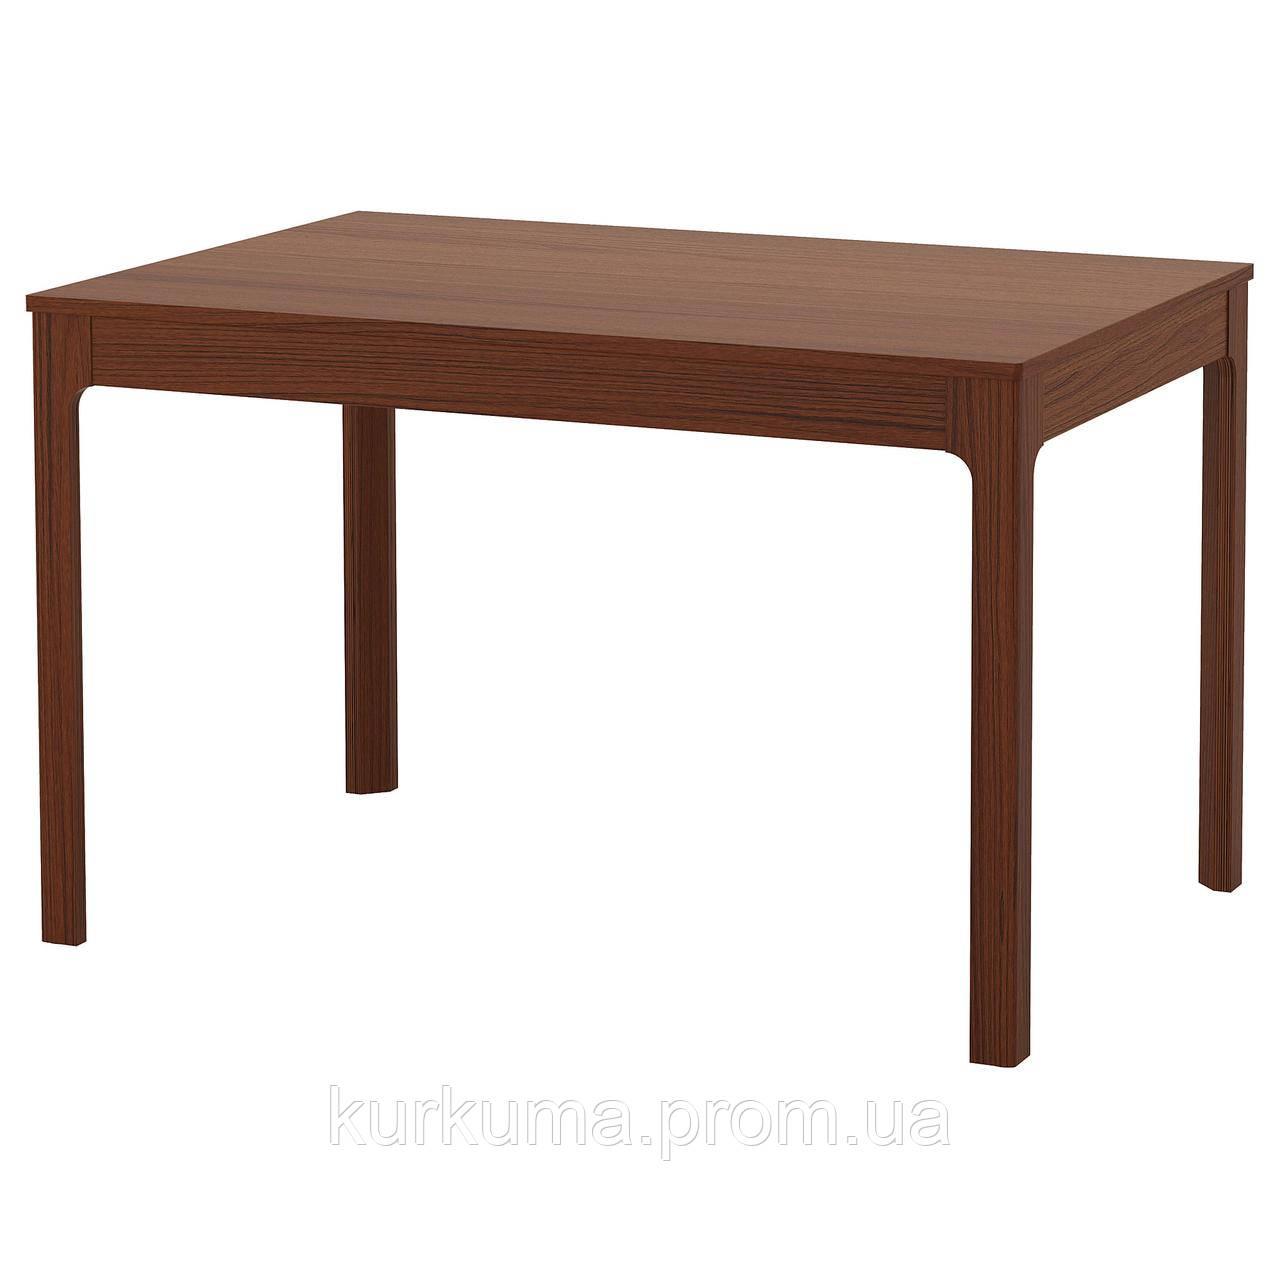 IKEA EKEDALEN Раздвижной стол, коричневый  (303.408.09)